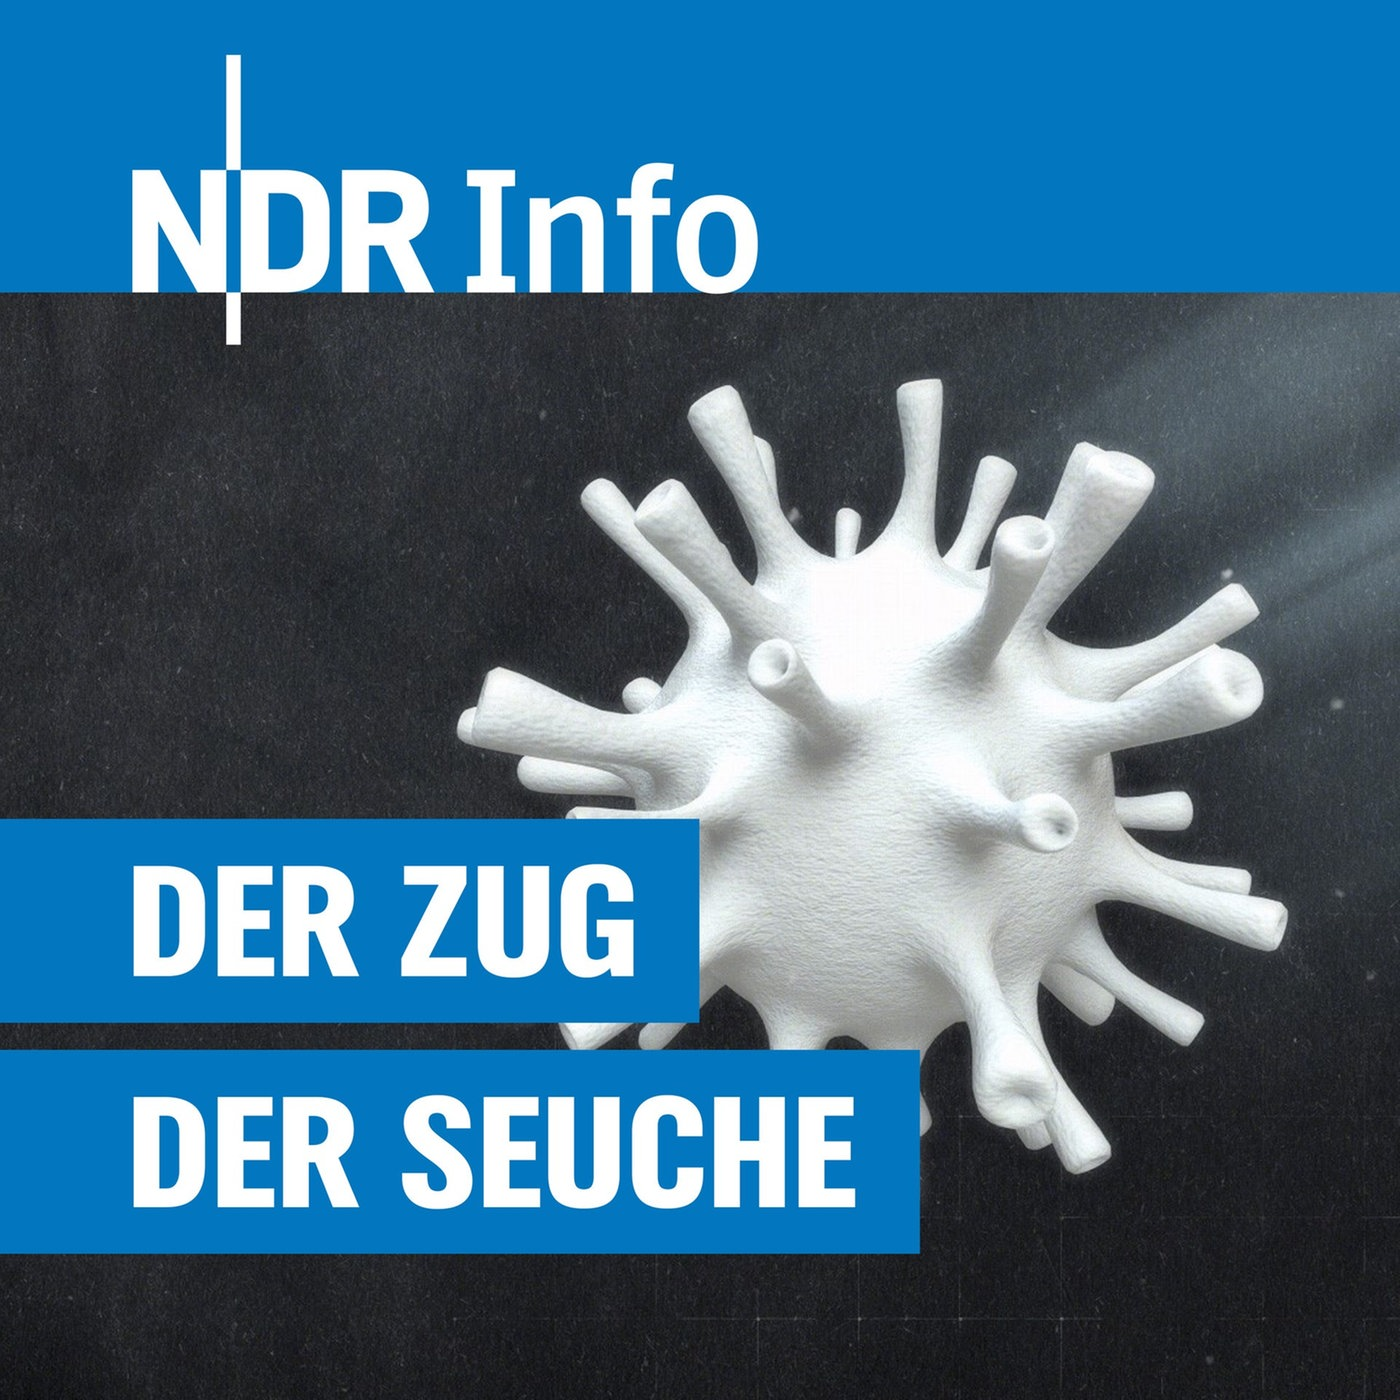 Podcast-Empfehlung: Der Zug der Seuche